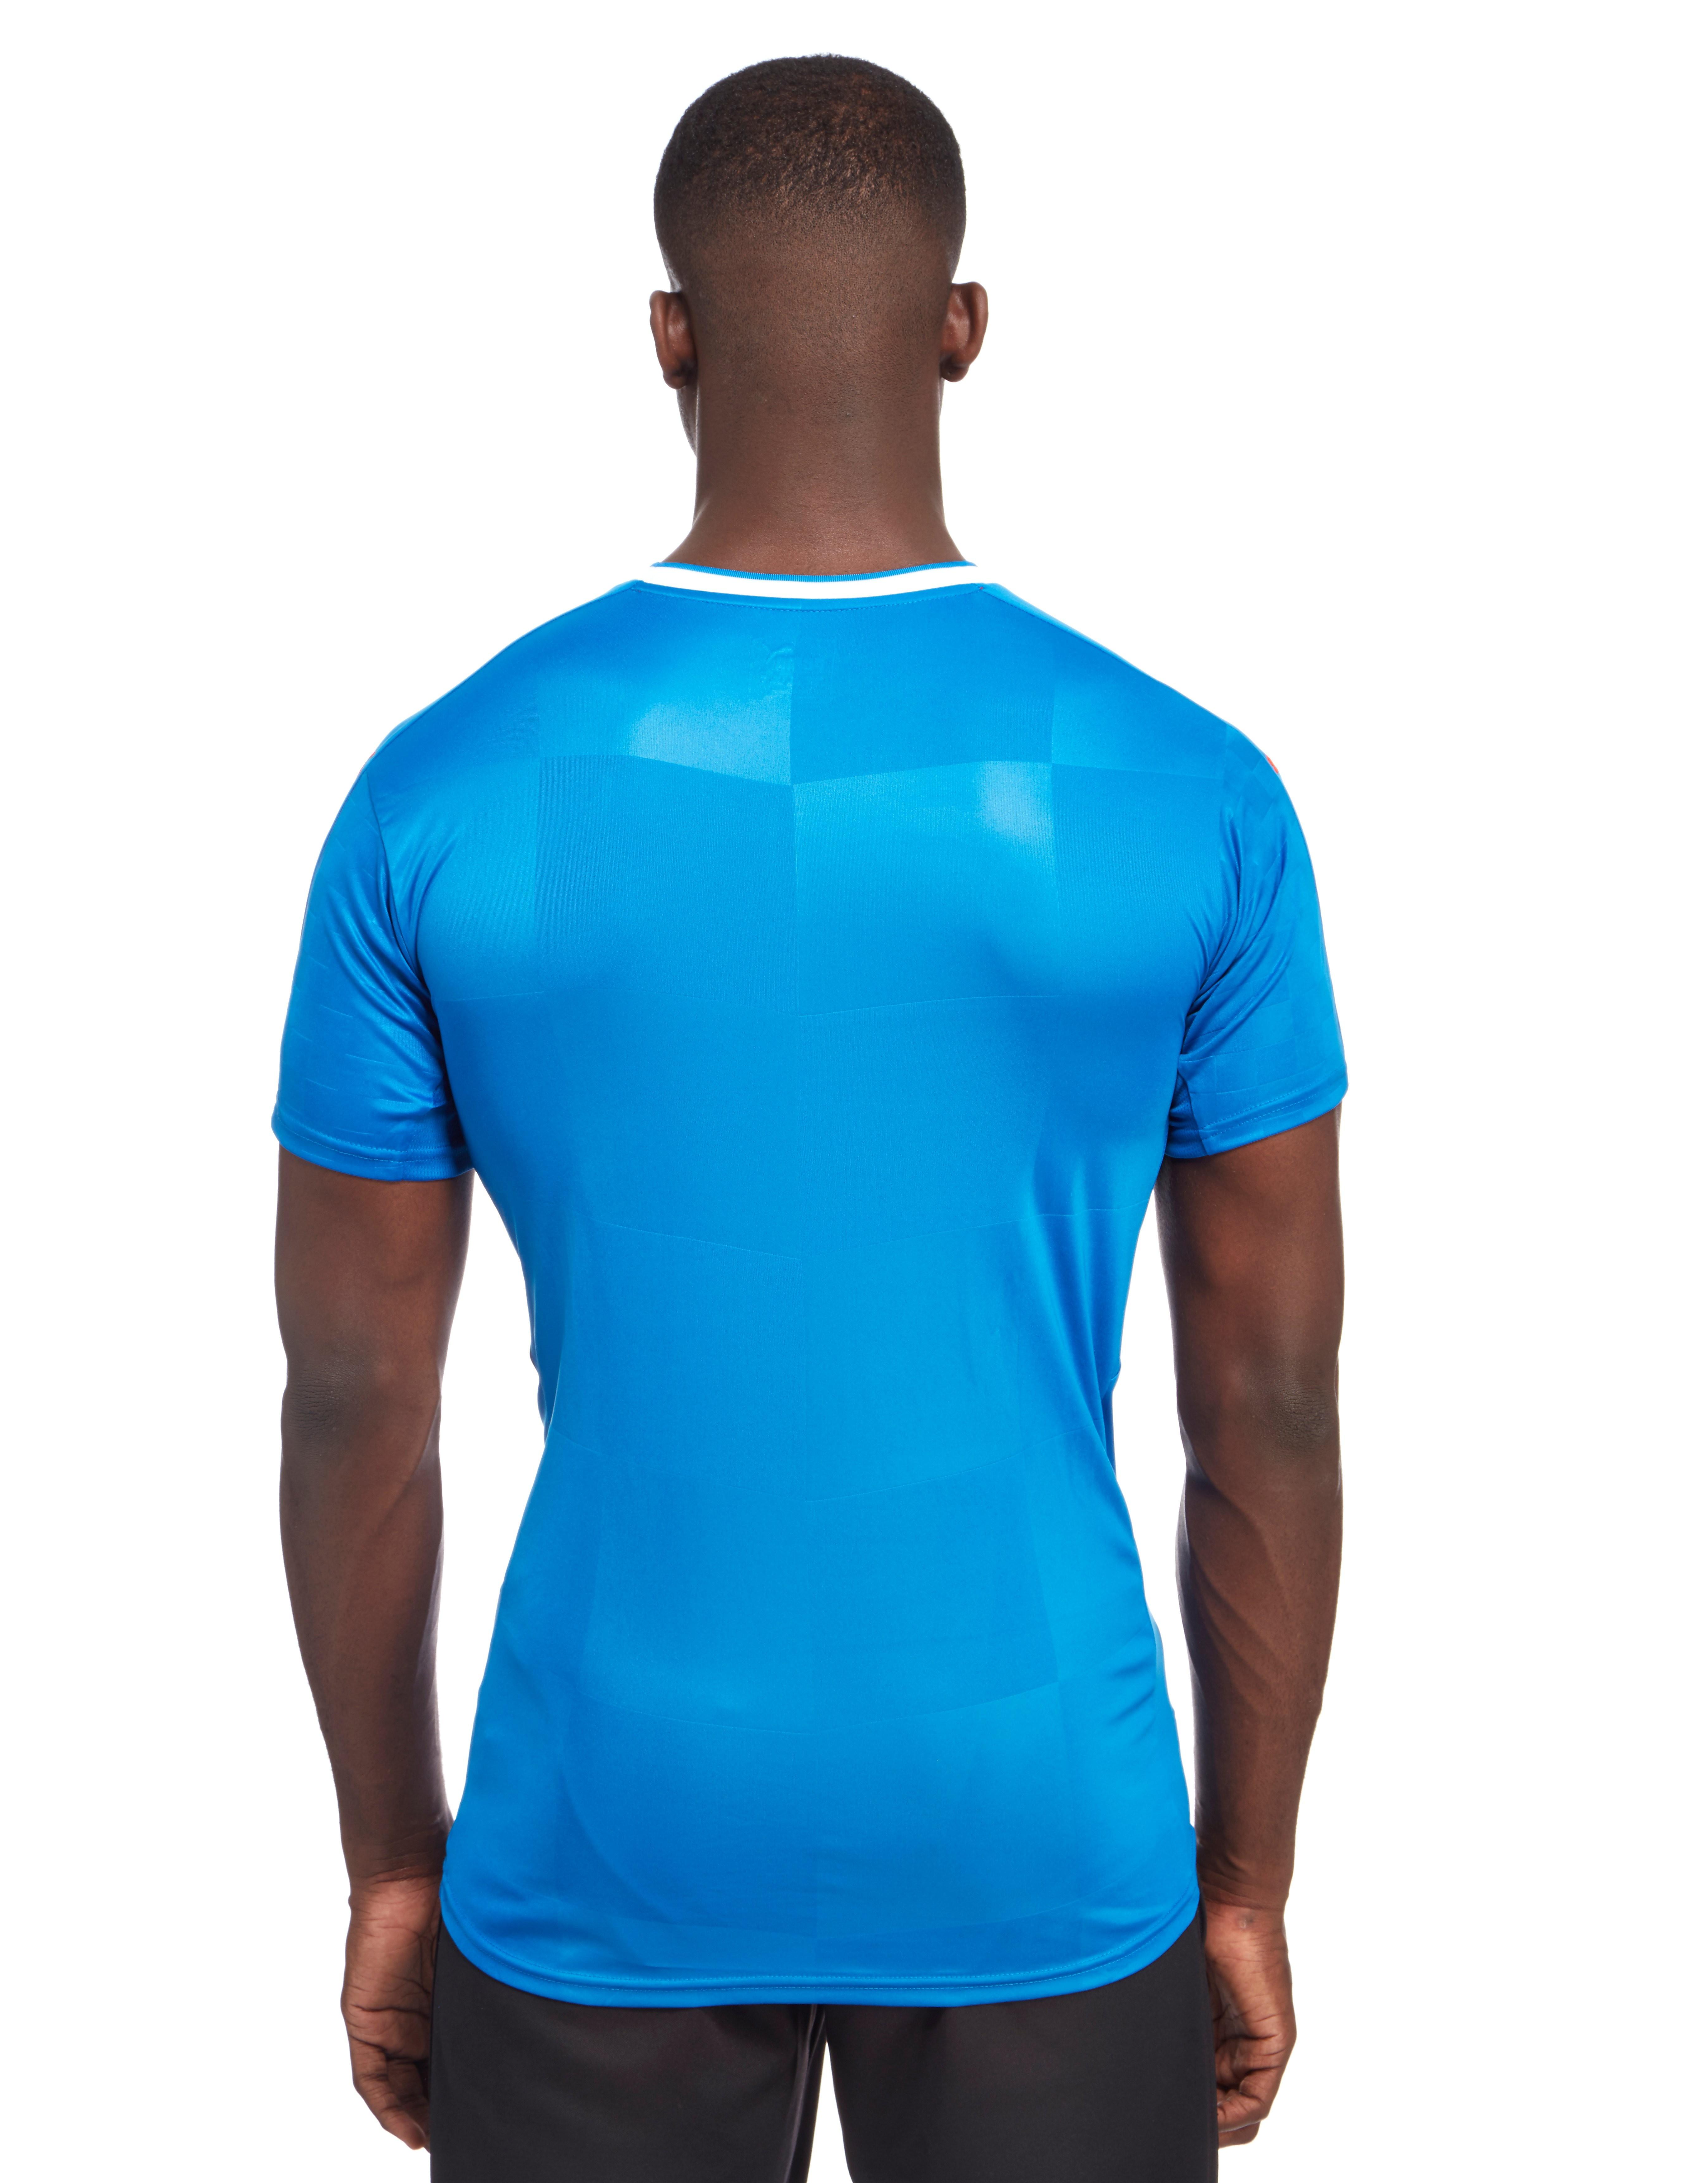 PUMA Rangers FC 2016/17 Home Shirt